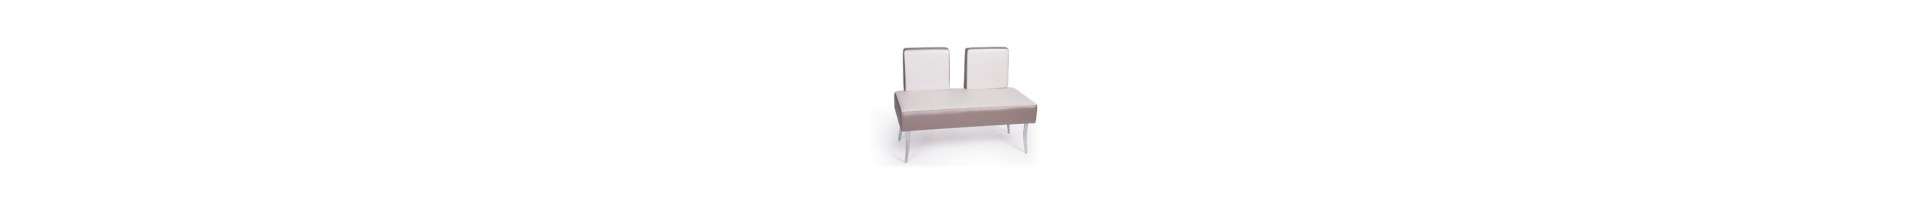 Mobiliario para salas de espera | Sillones y sofás de salas de espera